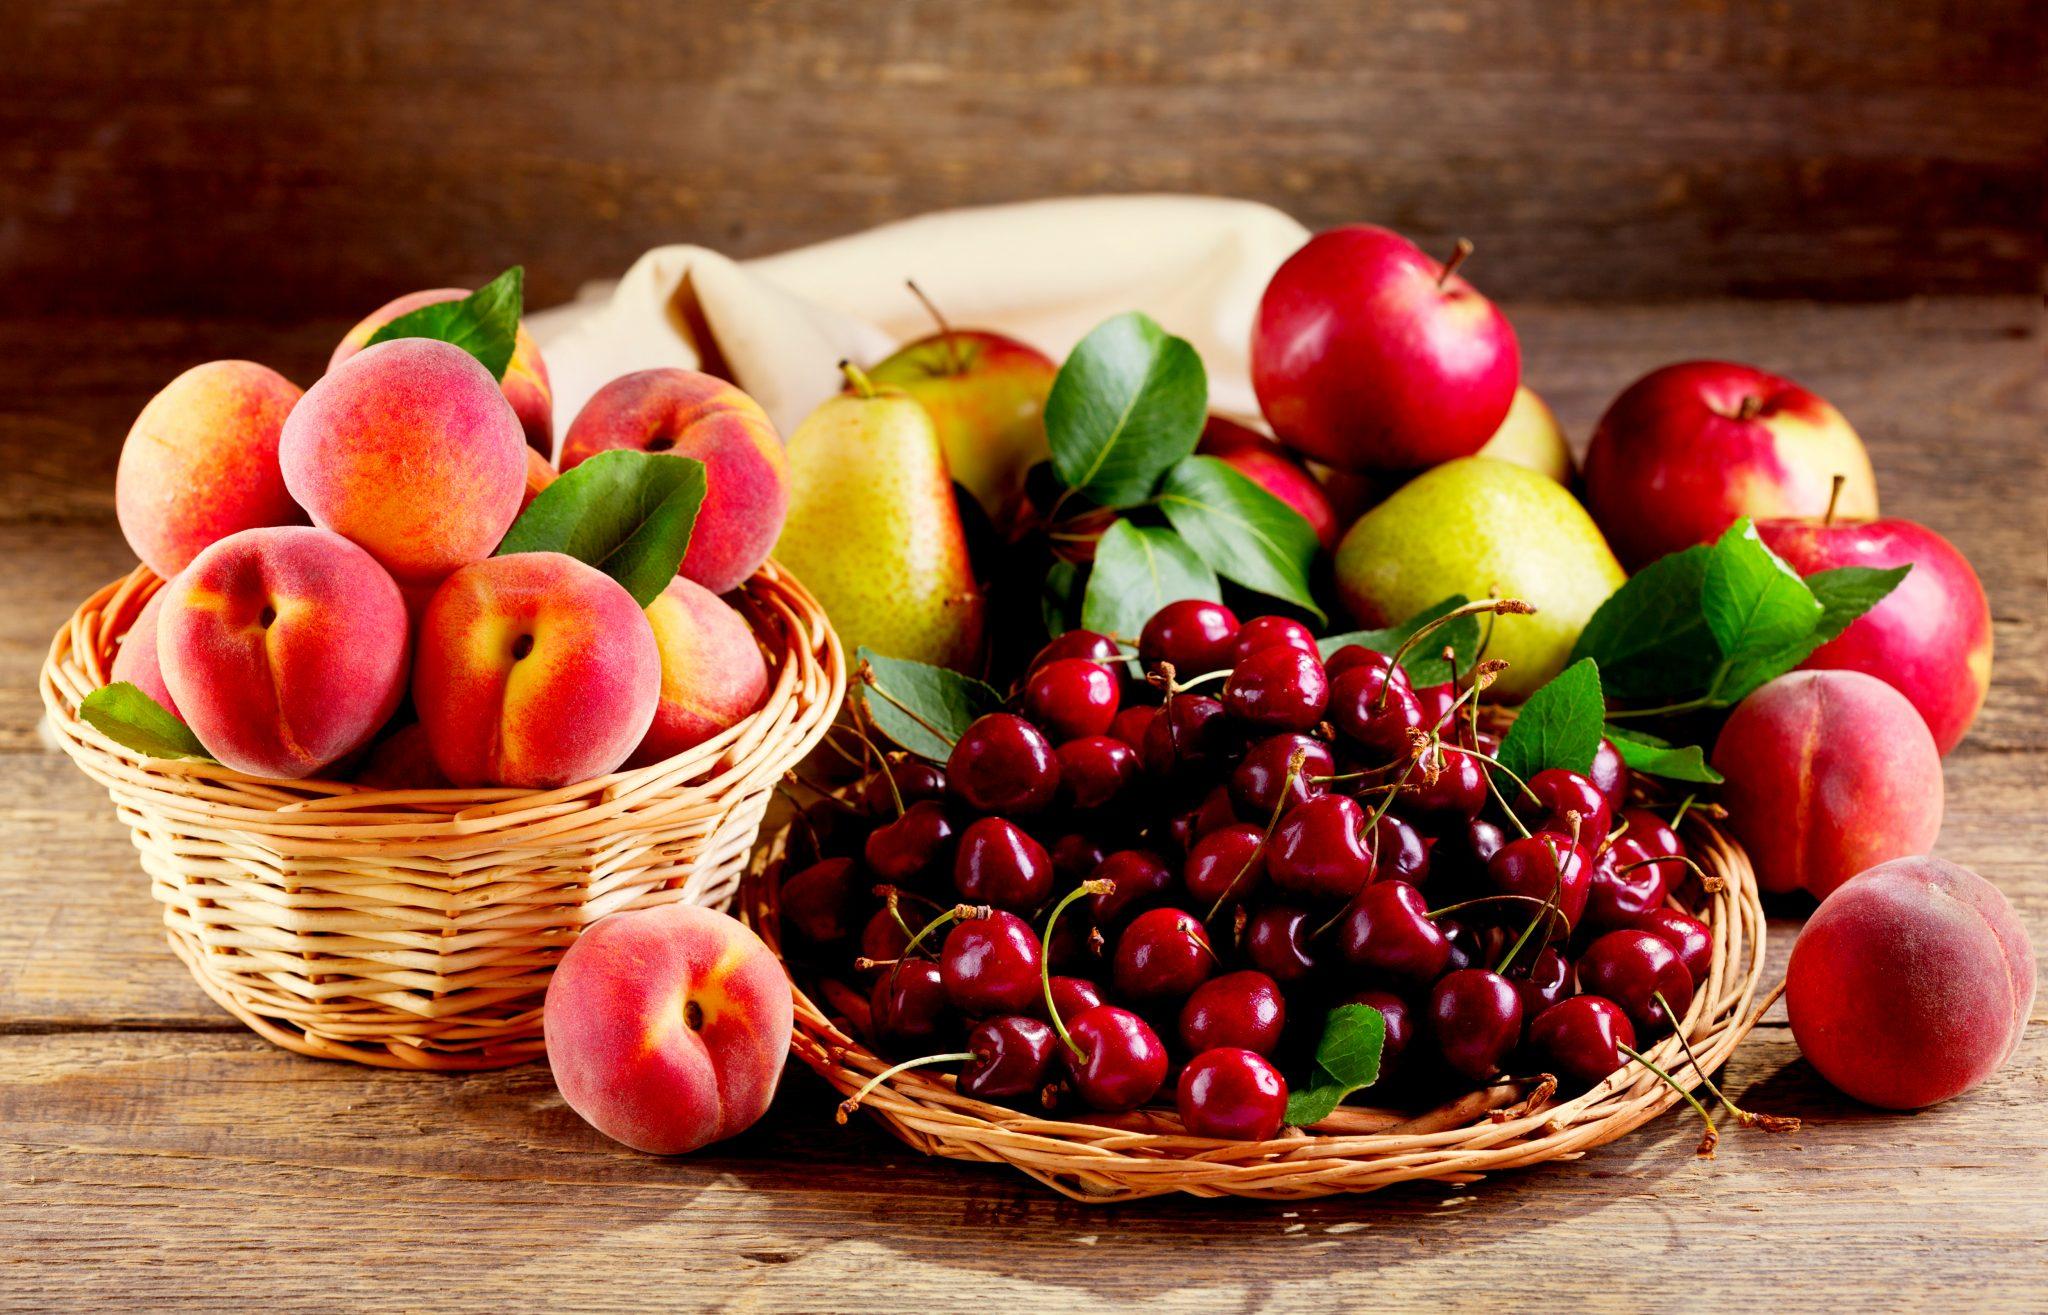 桃アレルギーの人が避けたほうが良い食べ物